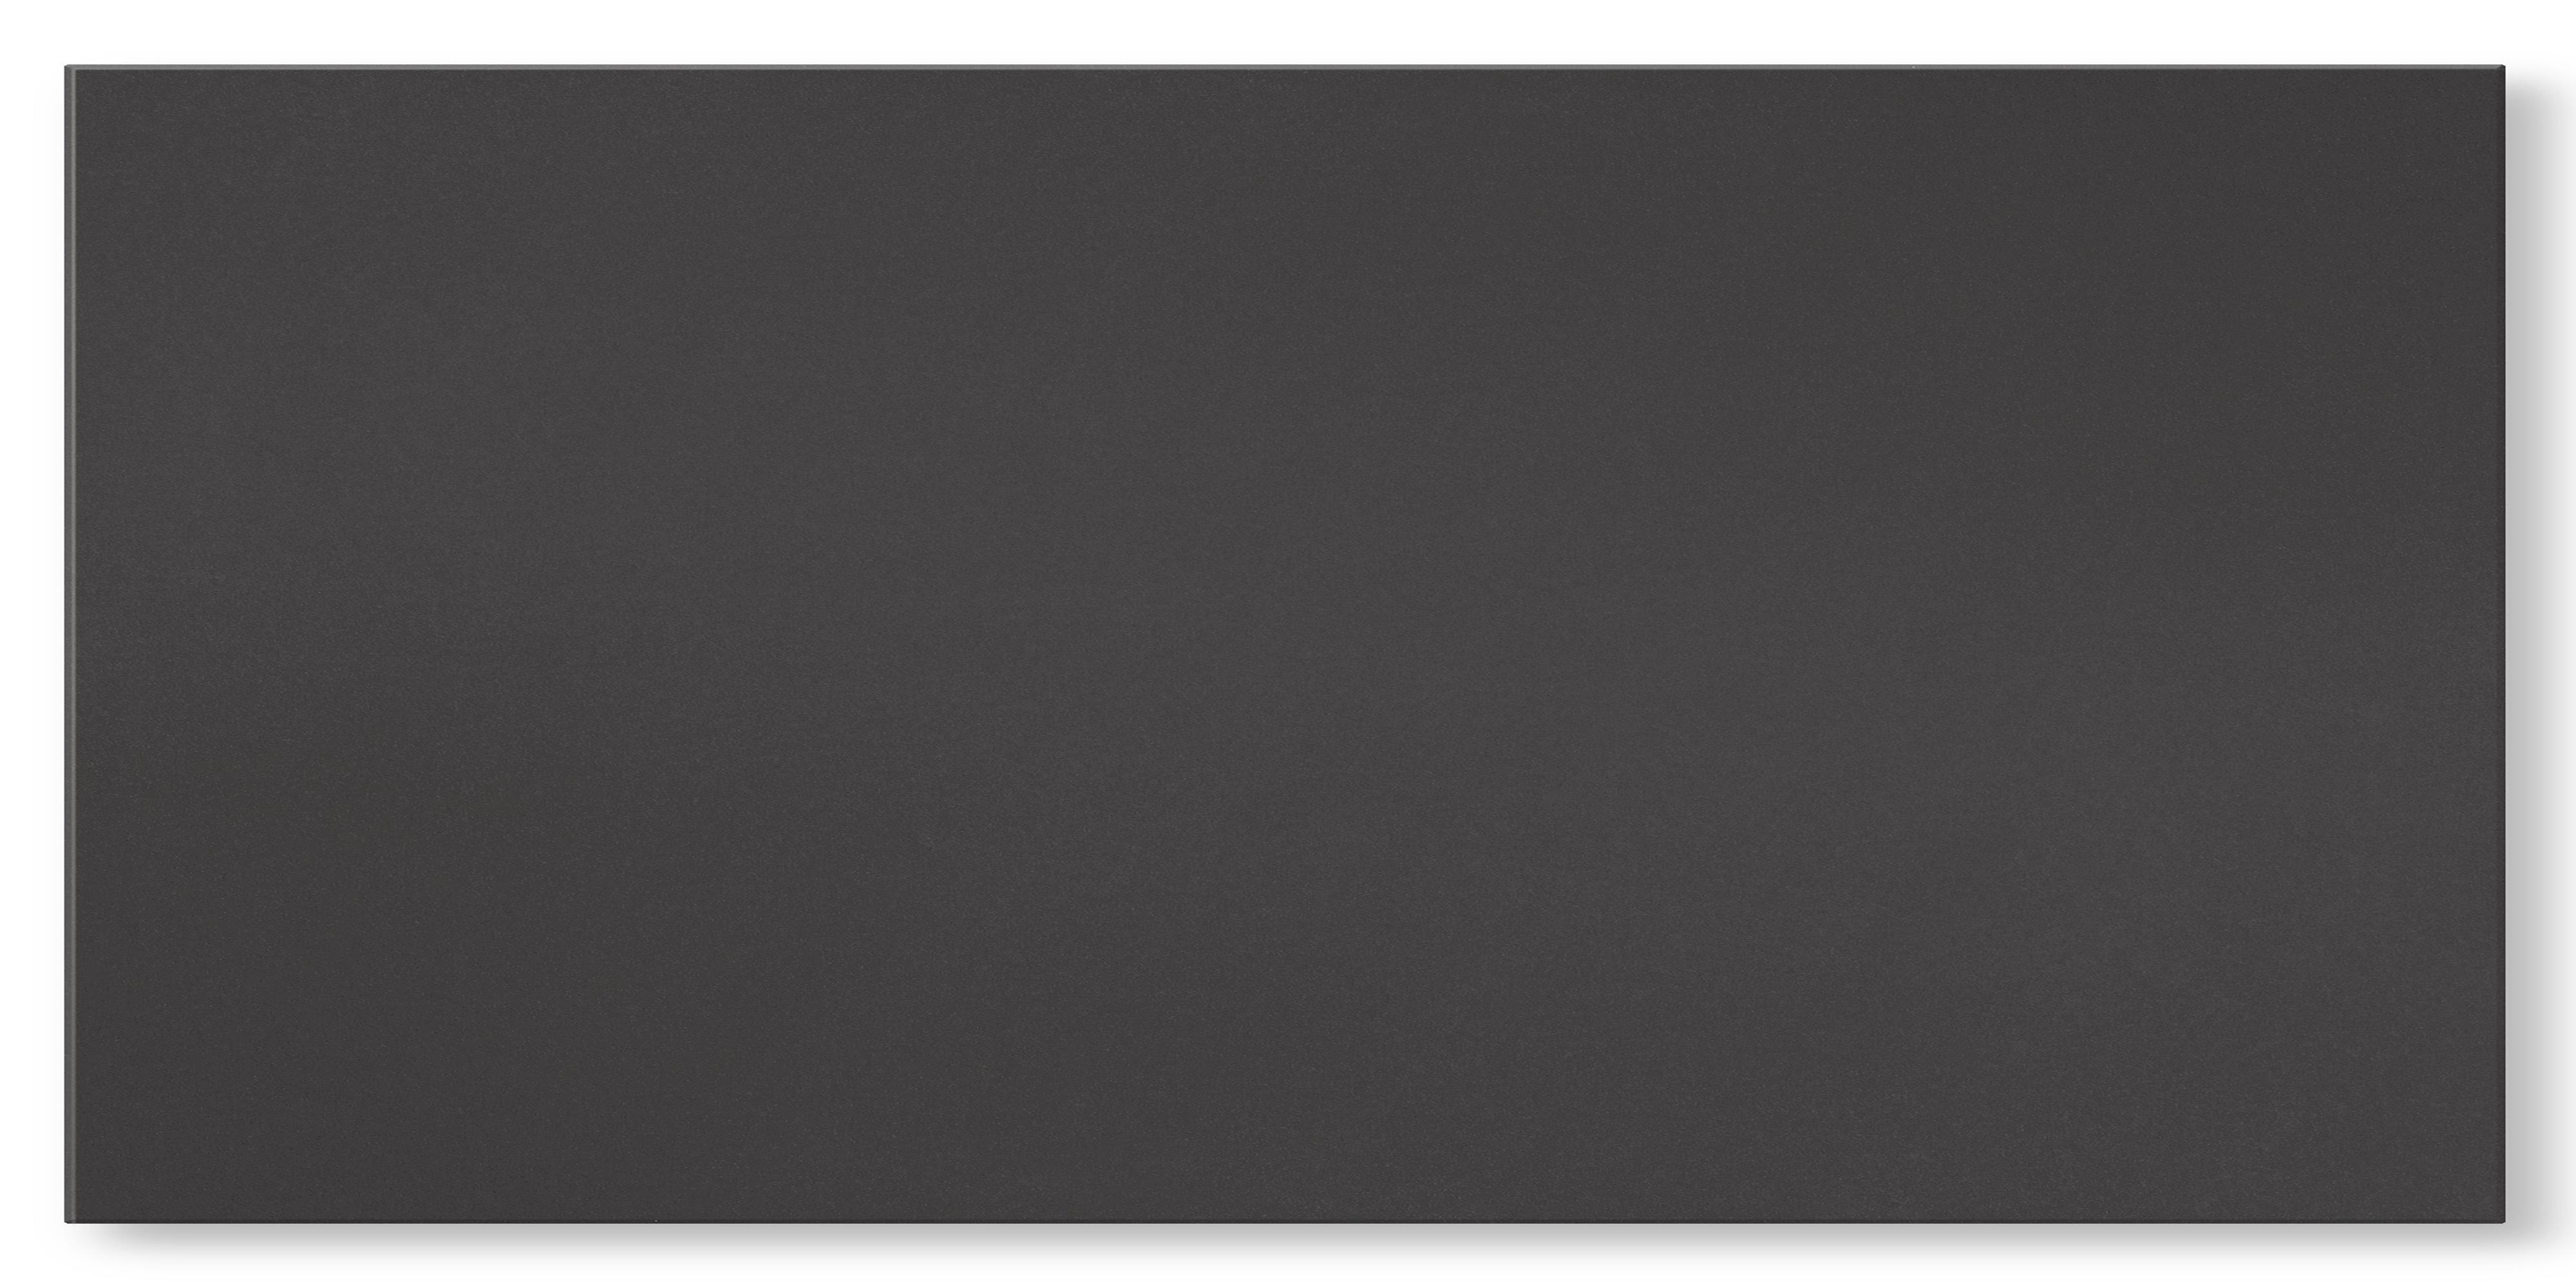 Фото - UF 013 рект - 1200х600х11,0 мм - 1,44/36 катушка зажигания для исследовательской экспедиции ford lincoln mercury 3l3e12a366ca uf 537